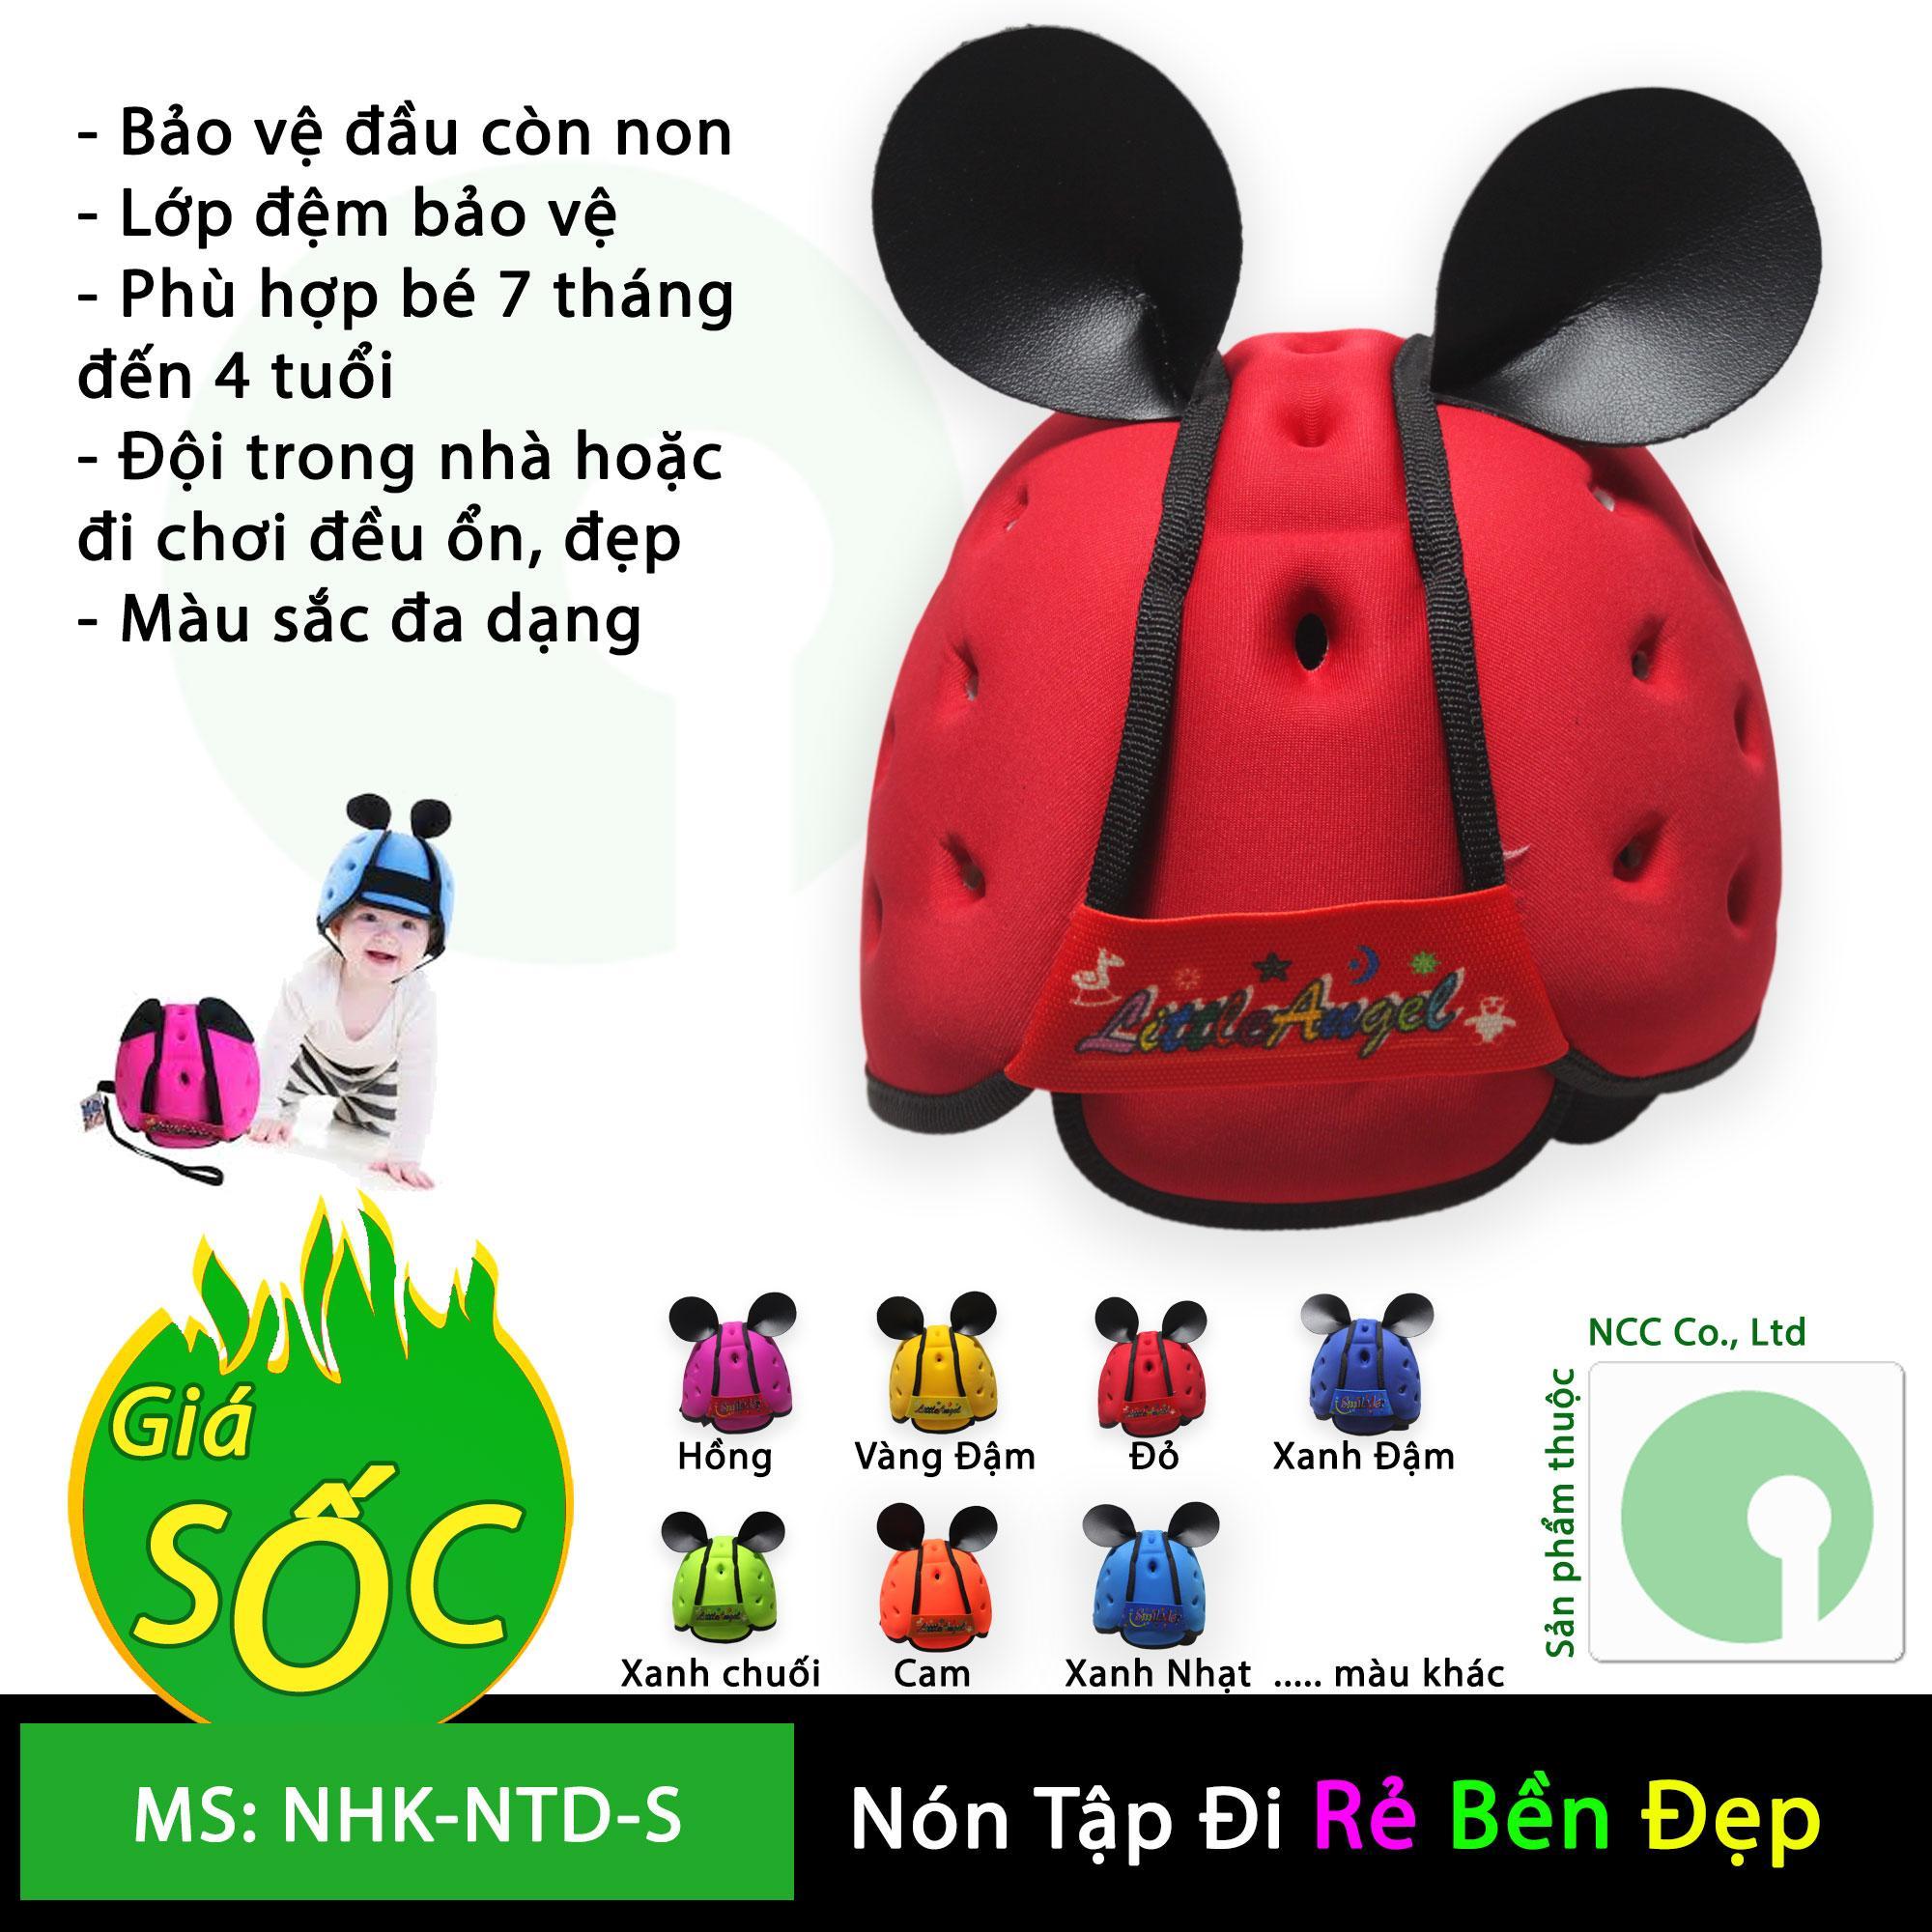 Hình ảnh Nón mũ bảo hiểm tập đi bảo vệ an toàn đầu cho bé - trẻ em từ 7 tháng đến 5 tuổi - NHK-NTD-S (nhiều màu)